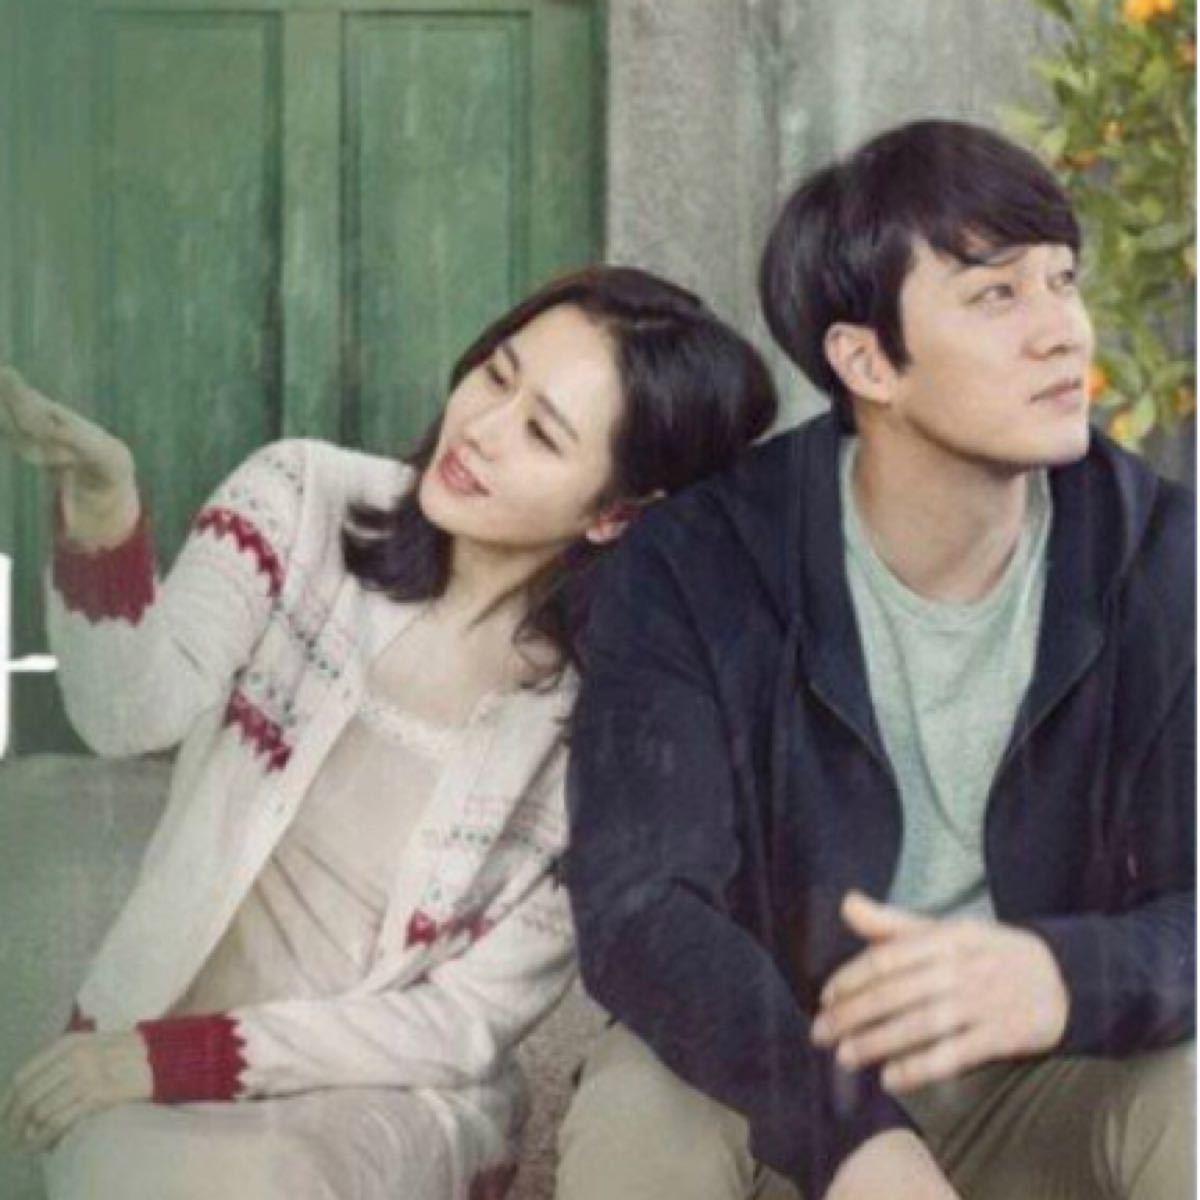 韓国映画  いま会いにゆきます  ソ・ジソプ  ソン・イェジン  DVD  日本語吹替有り  レーベル有り